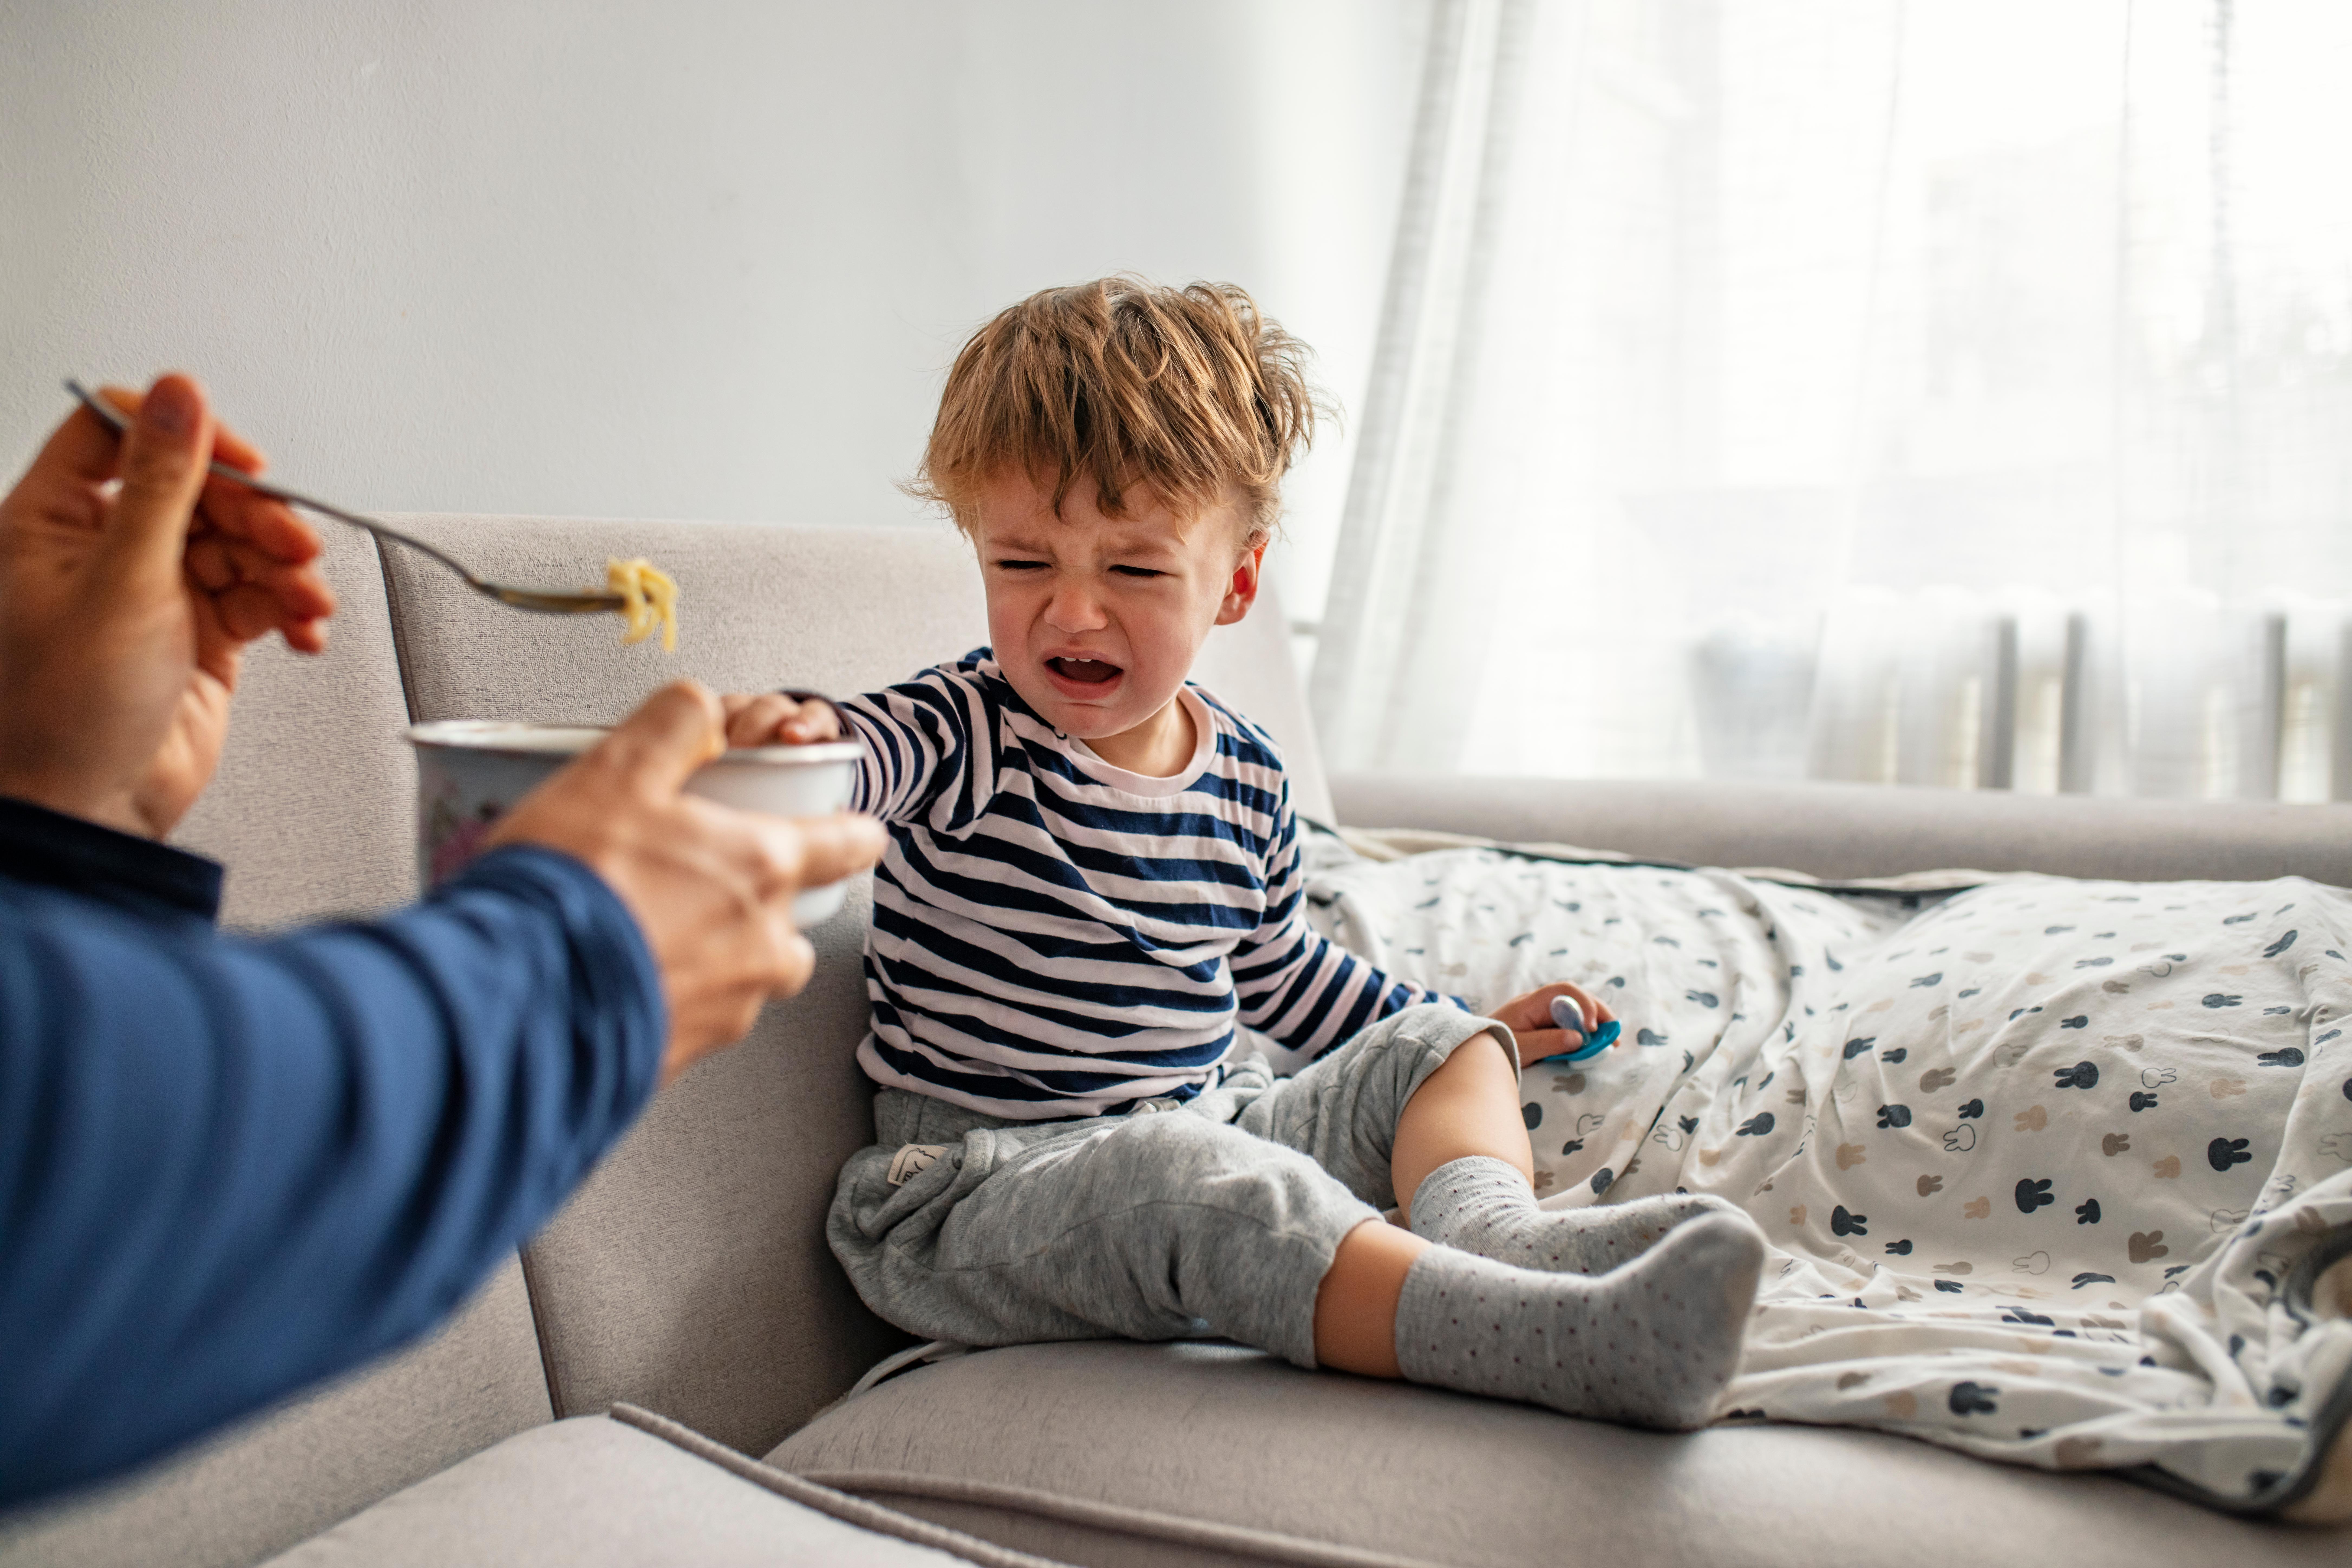 Étkezési problémák - a gyermek nem fogadja el az ételt